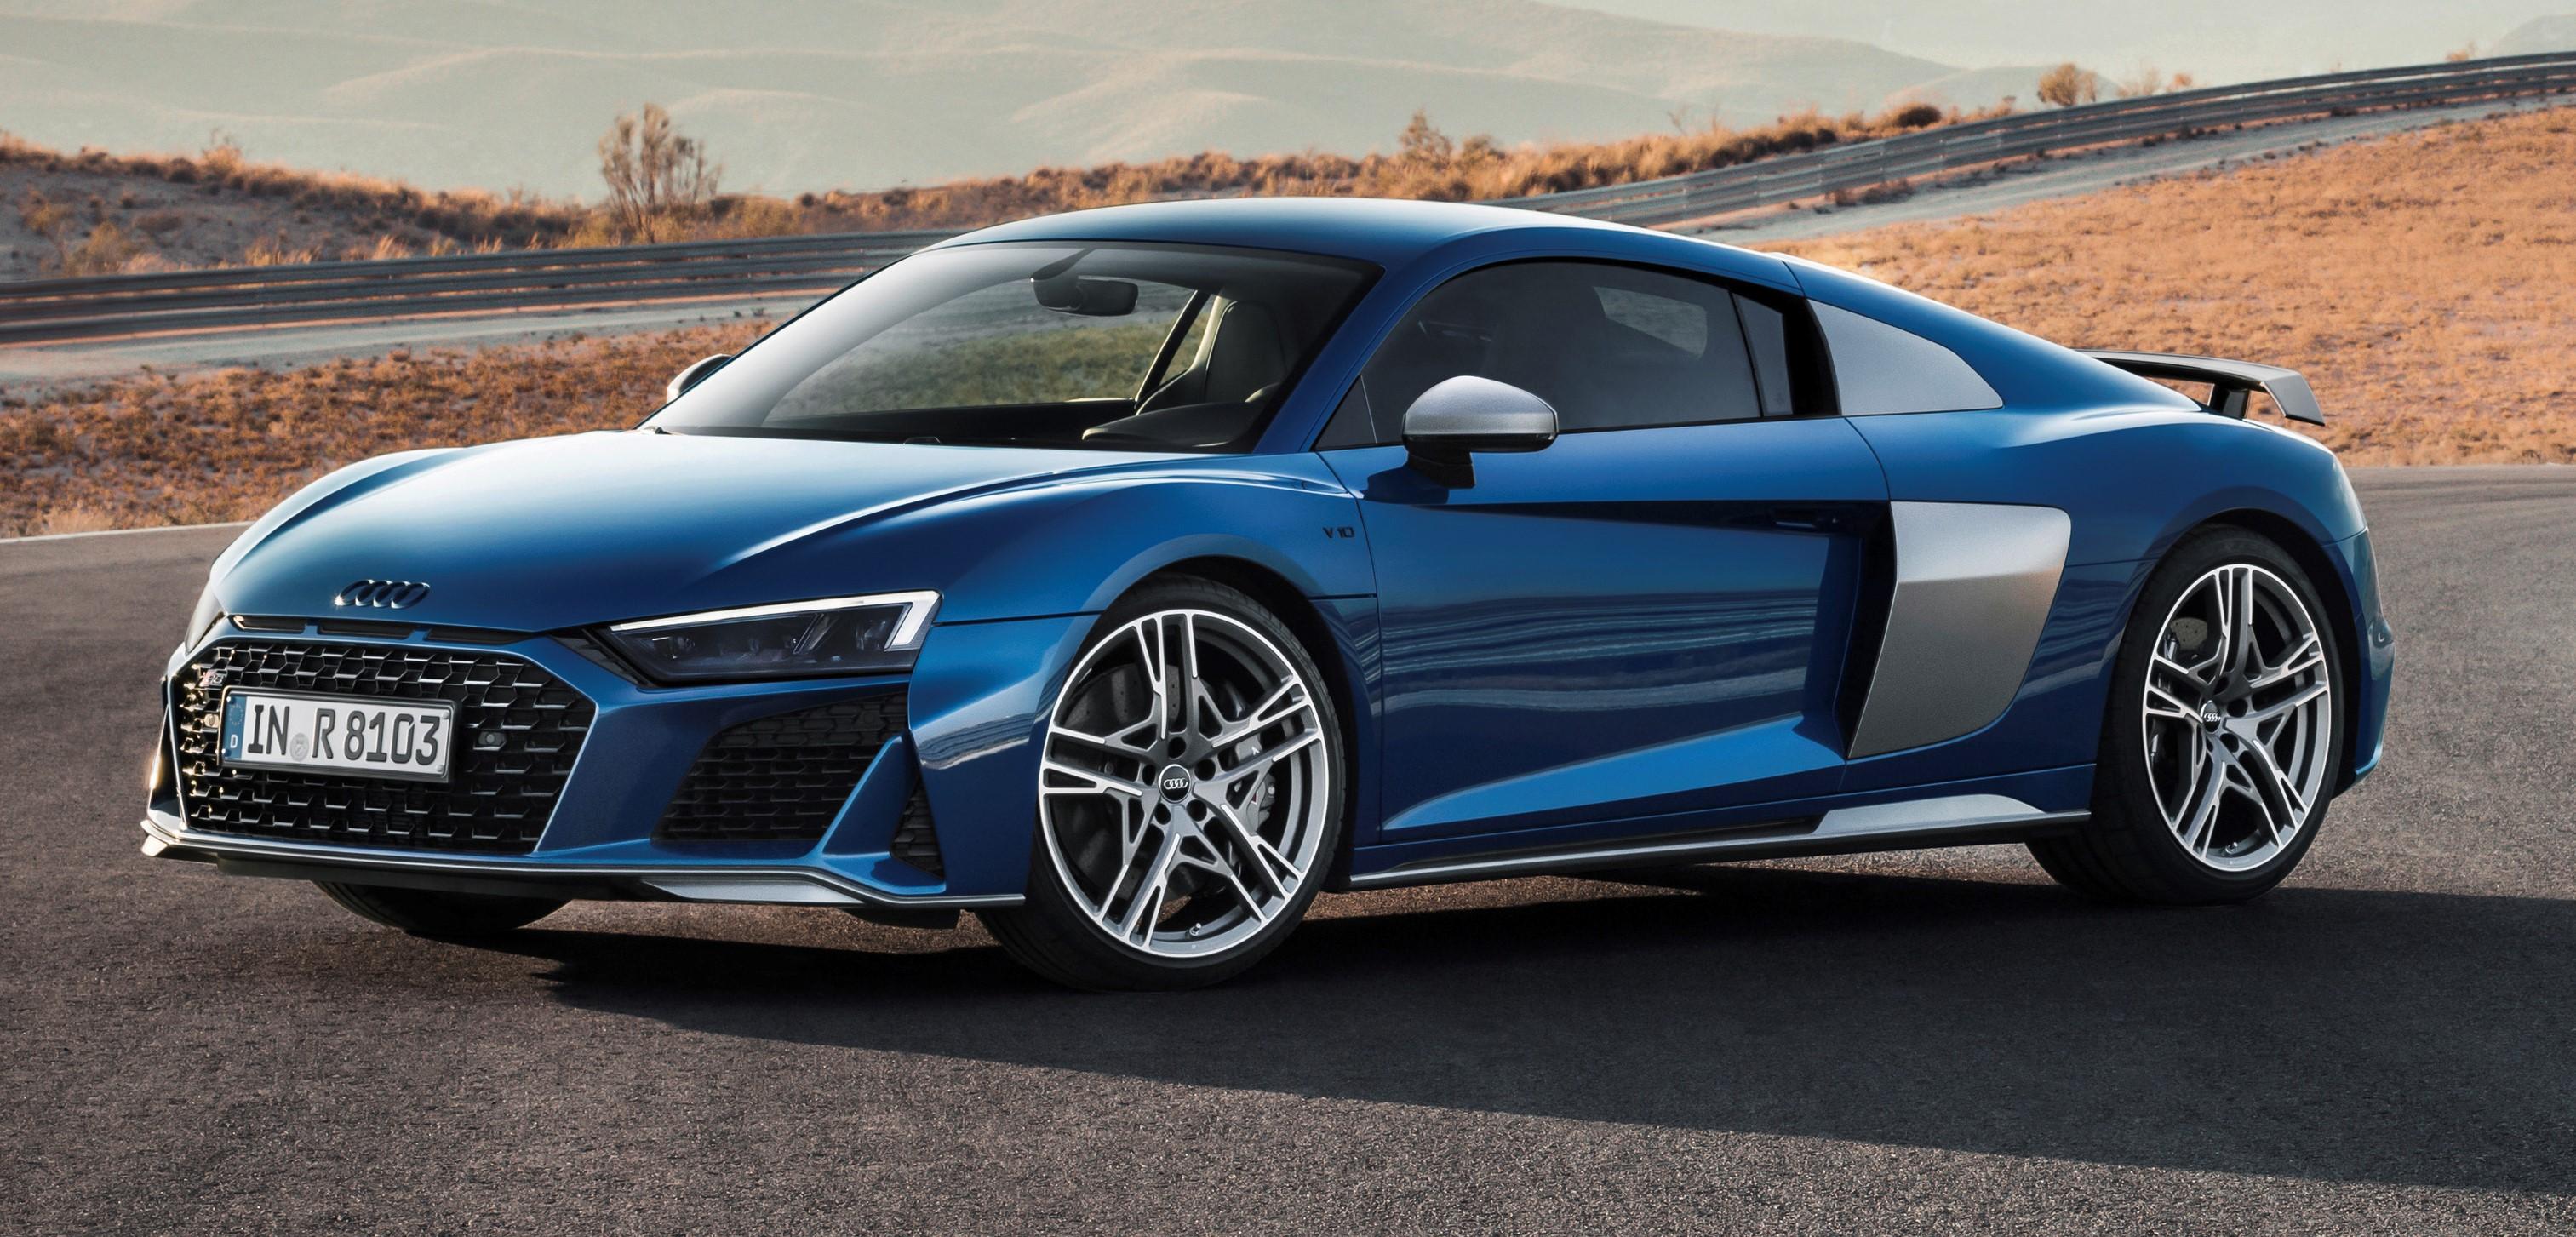 Audi R8 V10 Coupe Performance 2020 Presentacion Lista De Carros